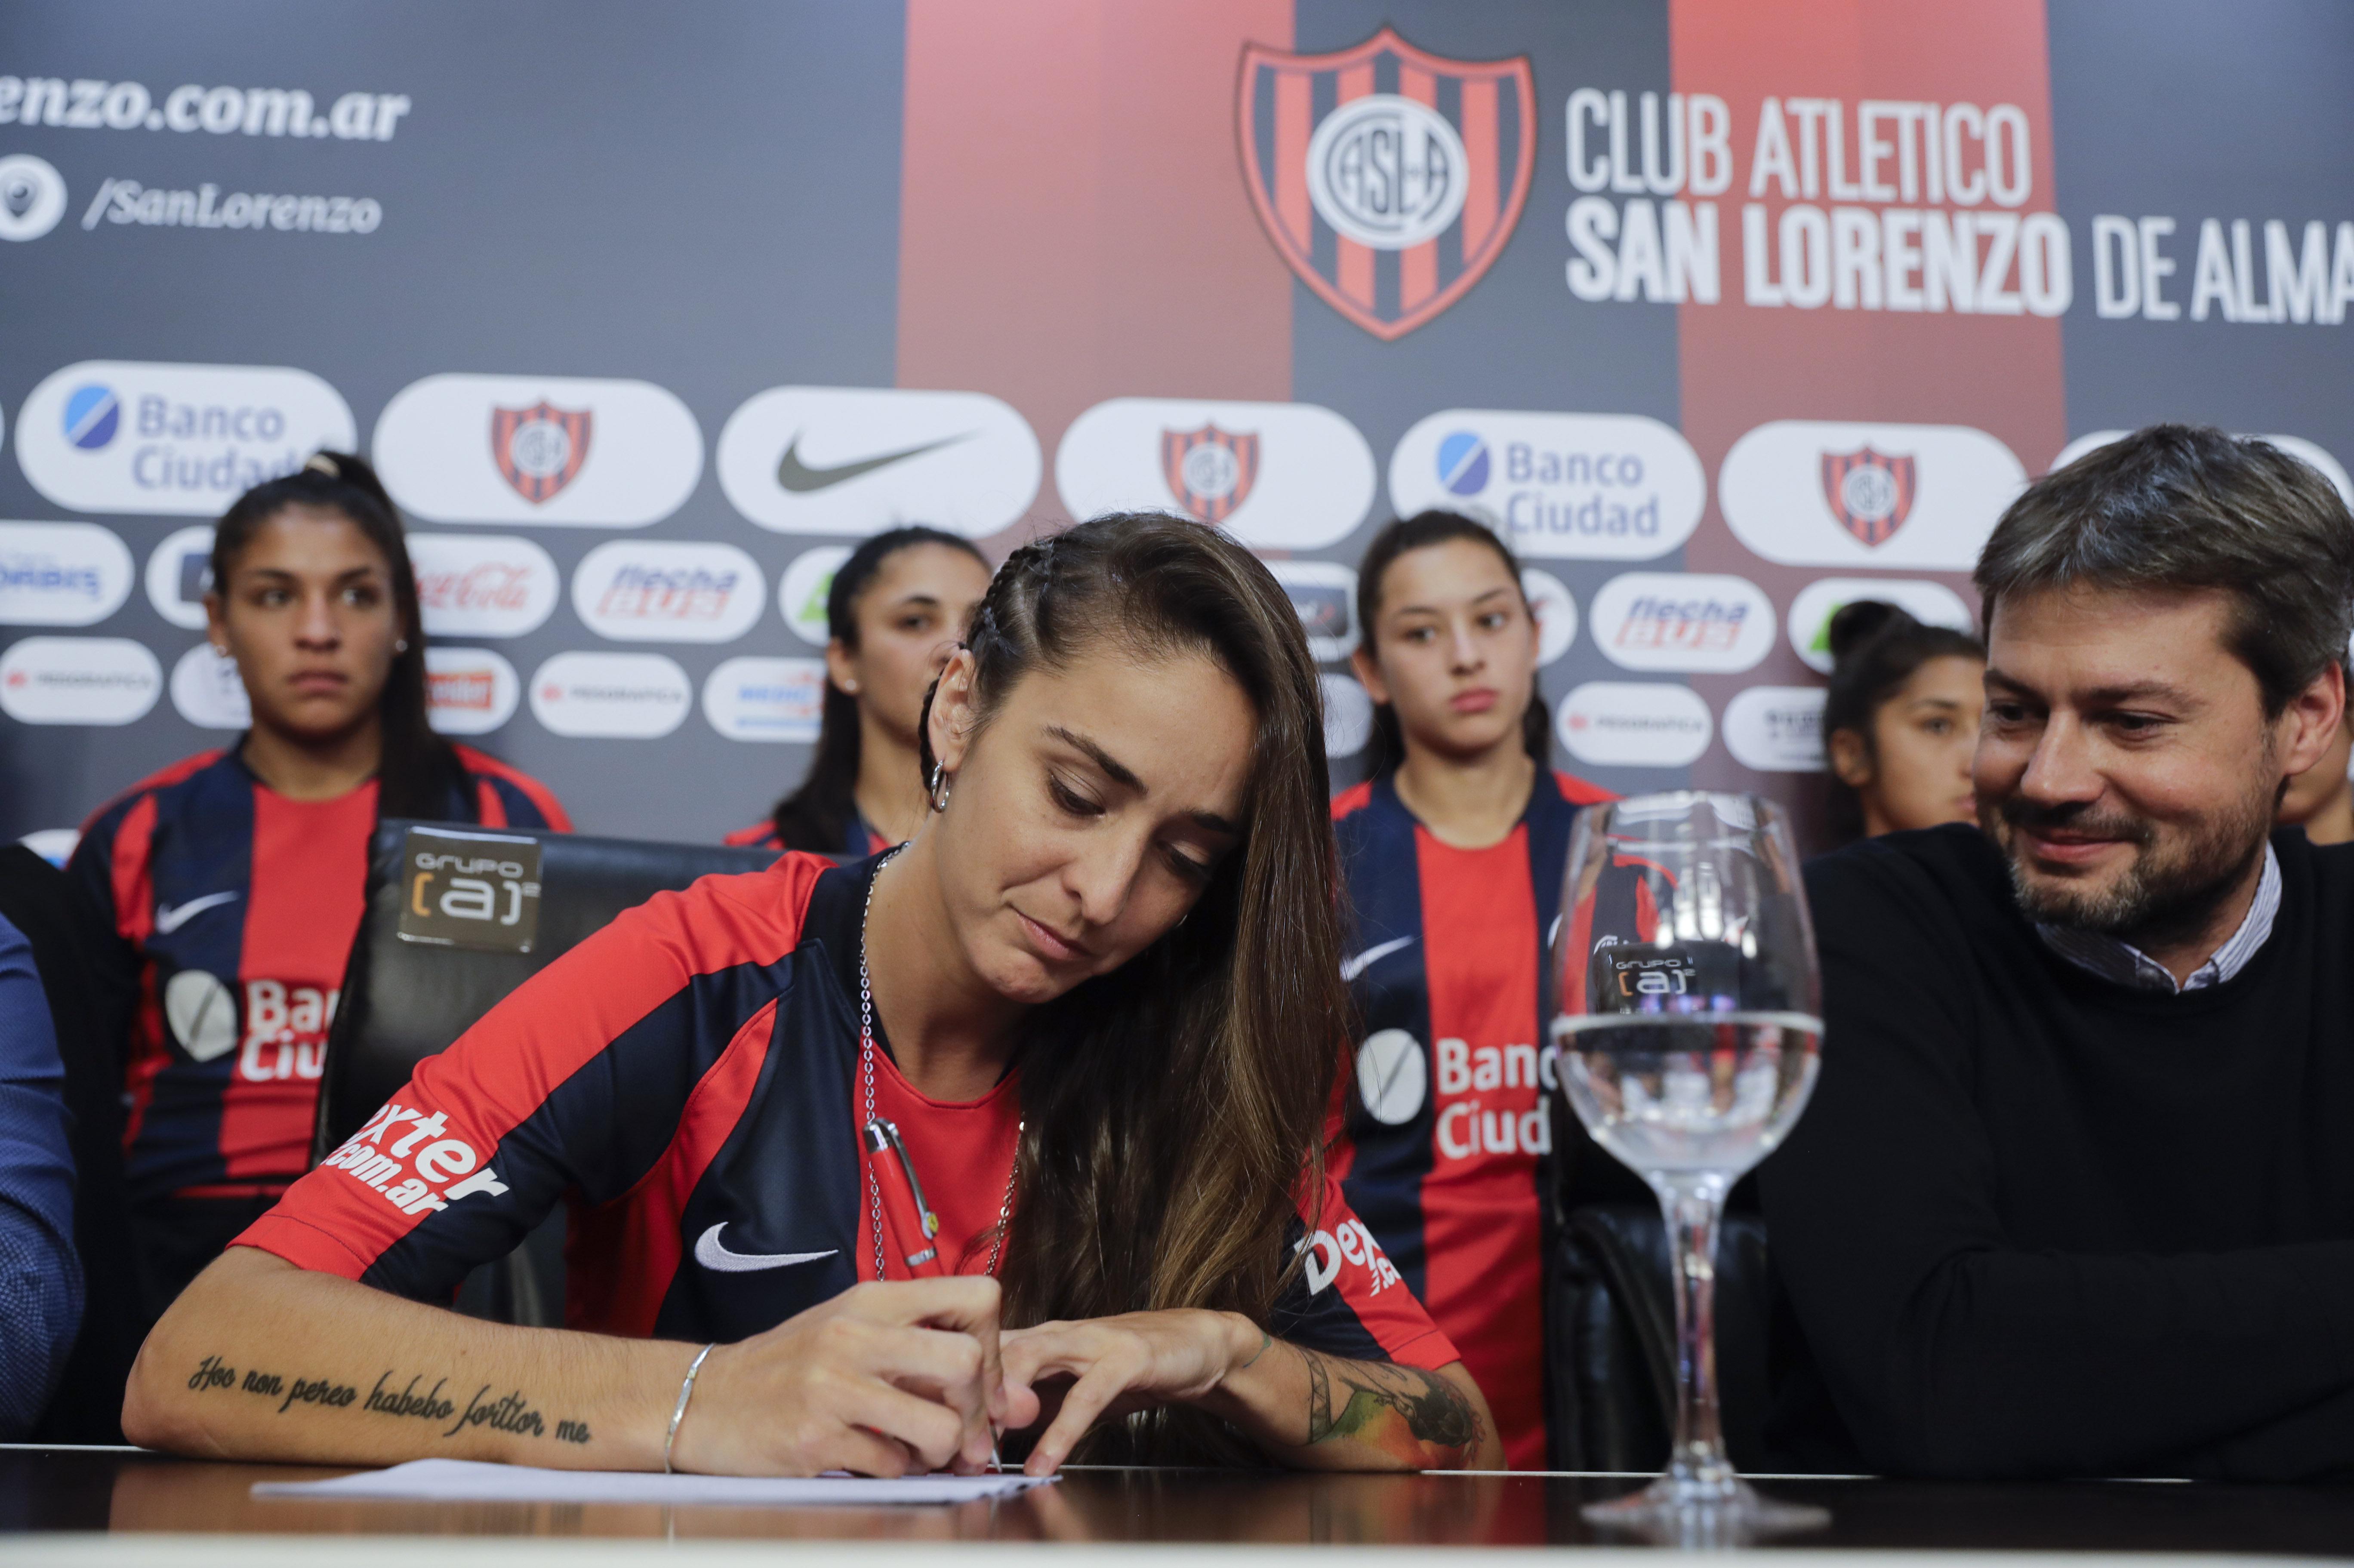 La jugadora argentina Macarena Sánchez firmó el 12 de abril un contrato profesional en el club de fútbol San Lorenzo